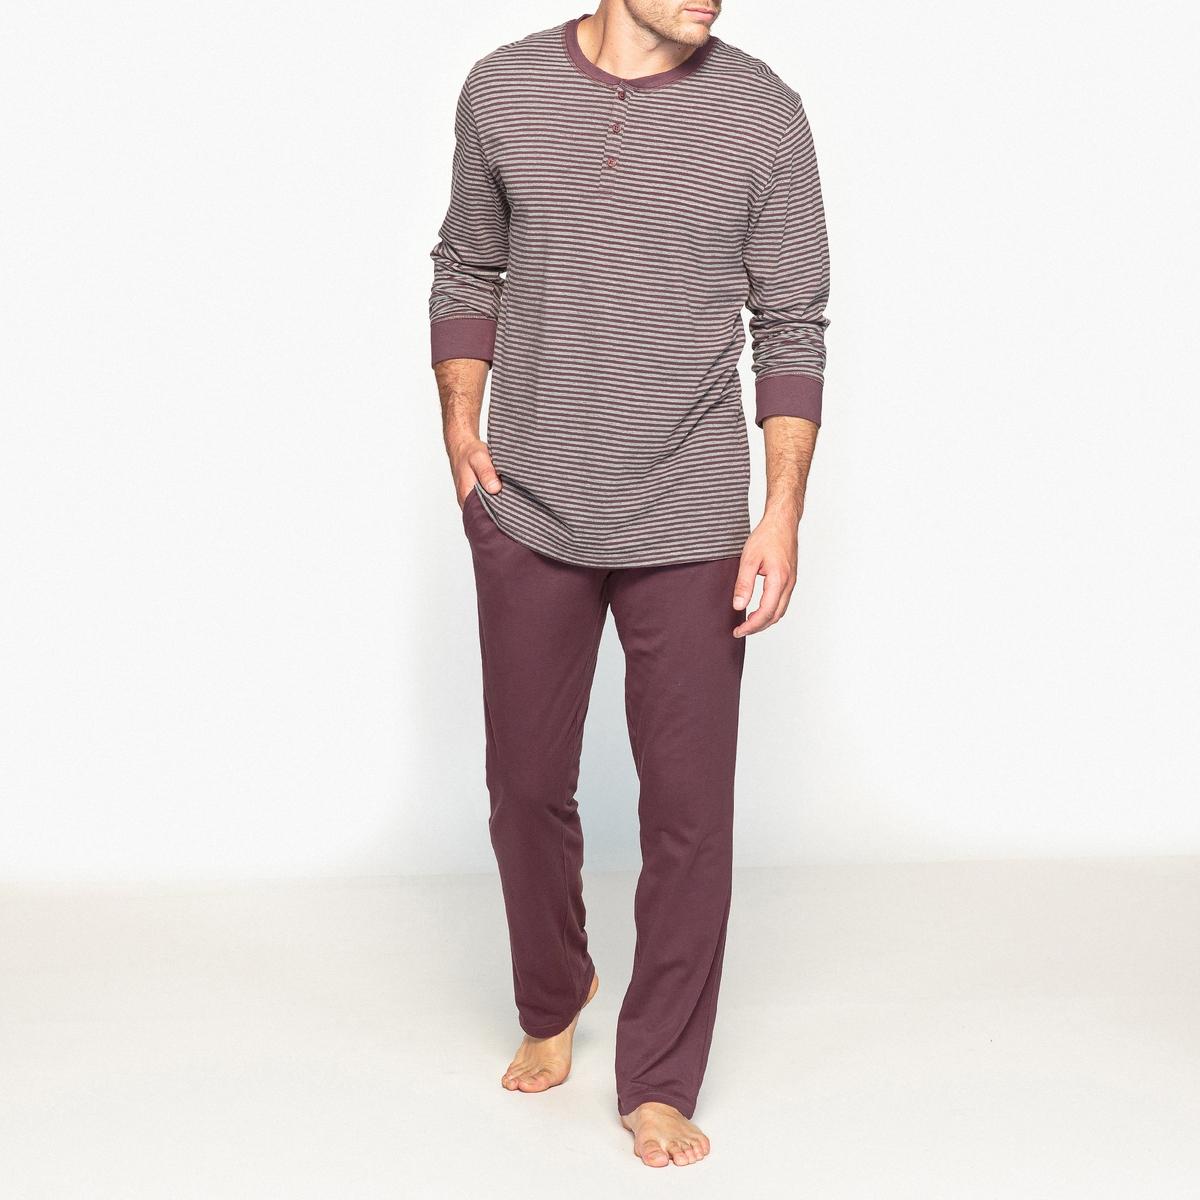 Пижама с футболкой с длинными рукавами и круглым вырезом с разрезом спереди